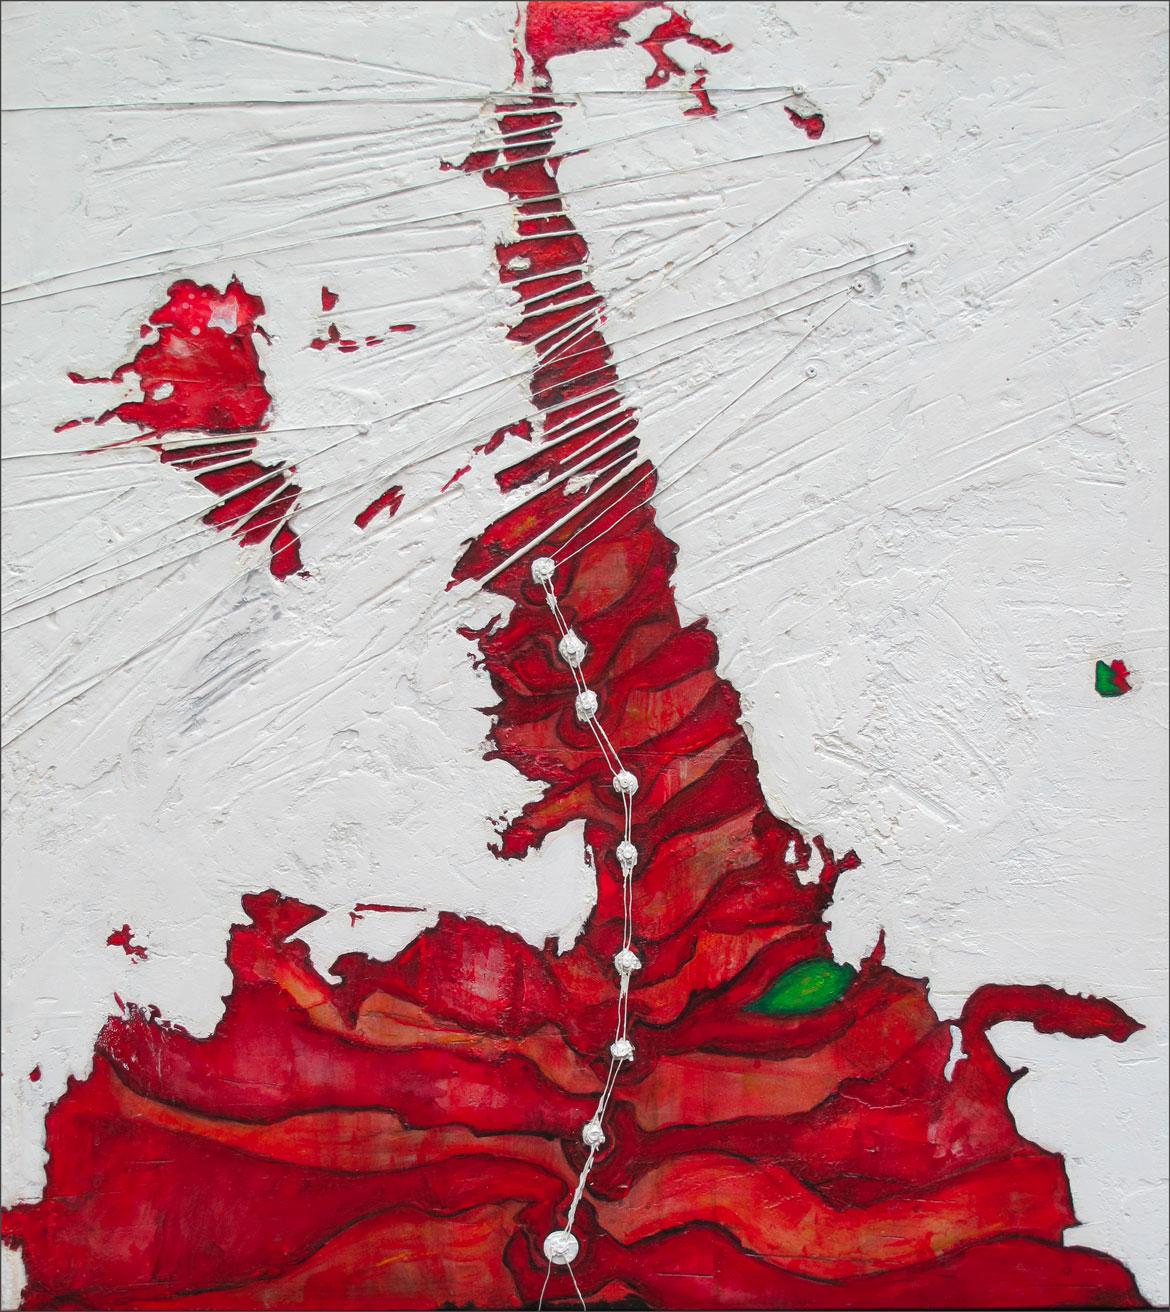 Hell gates approach abstractions interstellaires Acrylique sur panneau alvéolaire